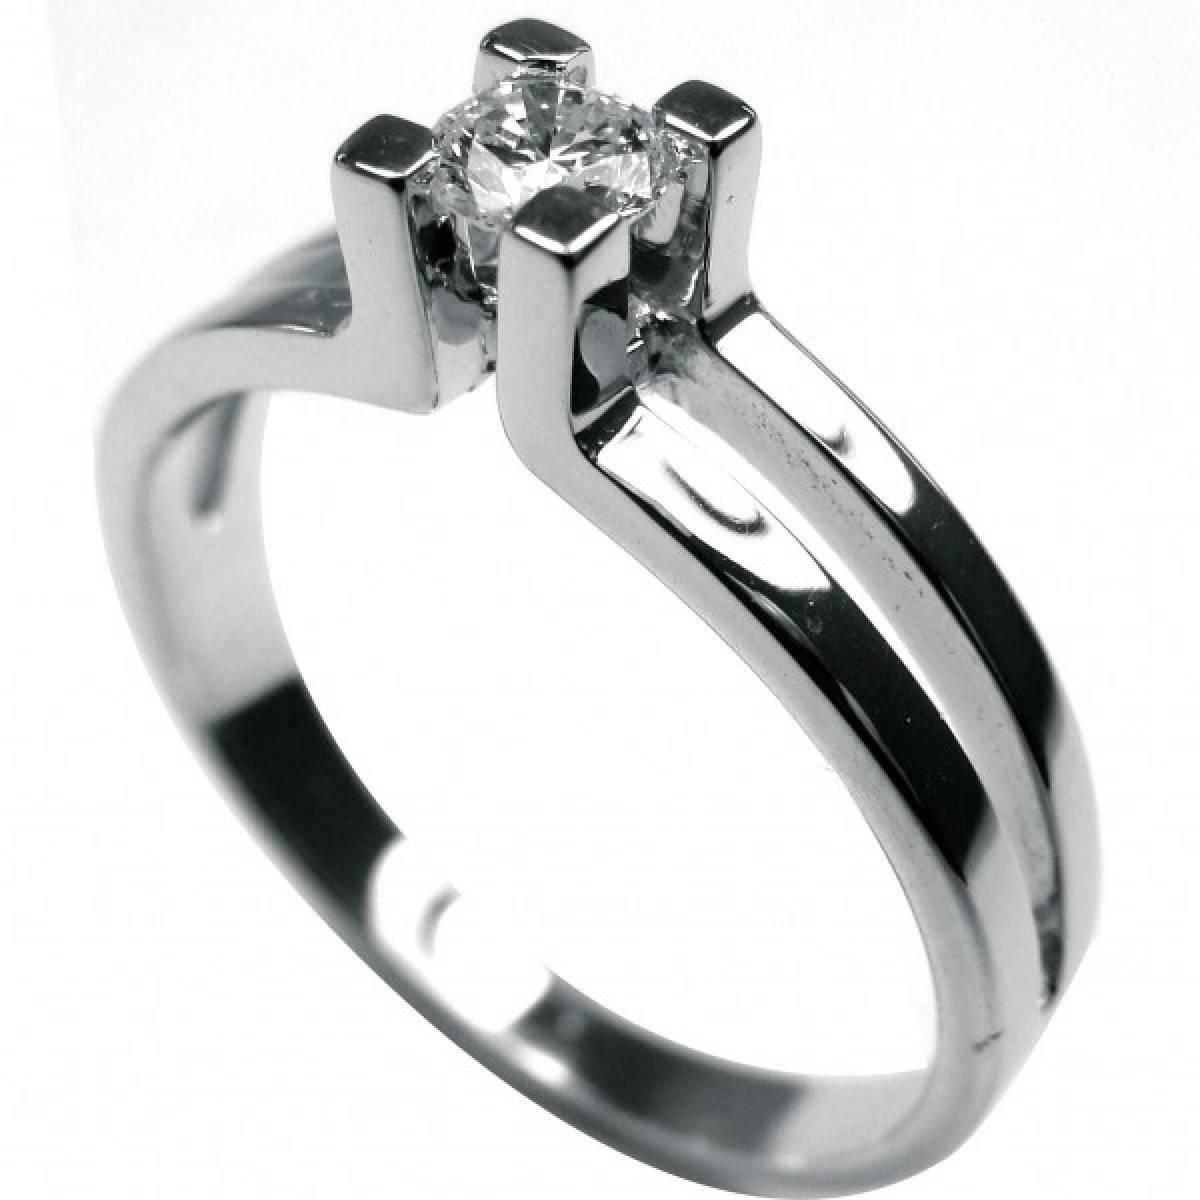 Anel de Noivado, Solitário, Ouro Branco, com 1 diamante de 0, 23 cts